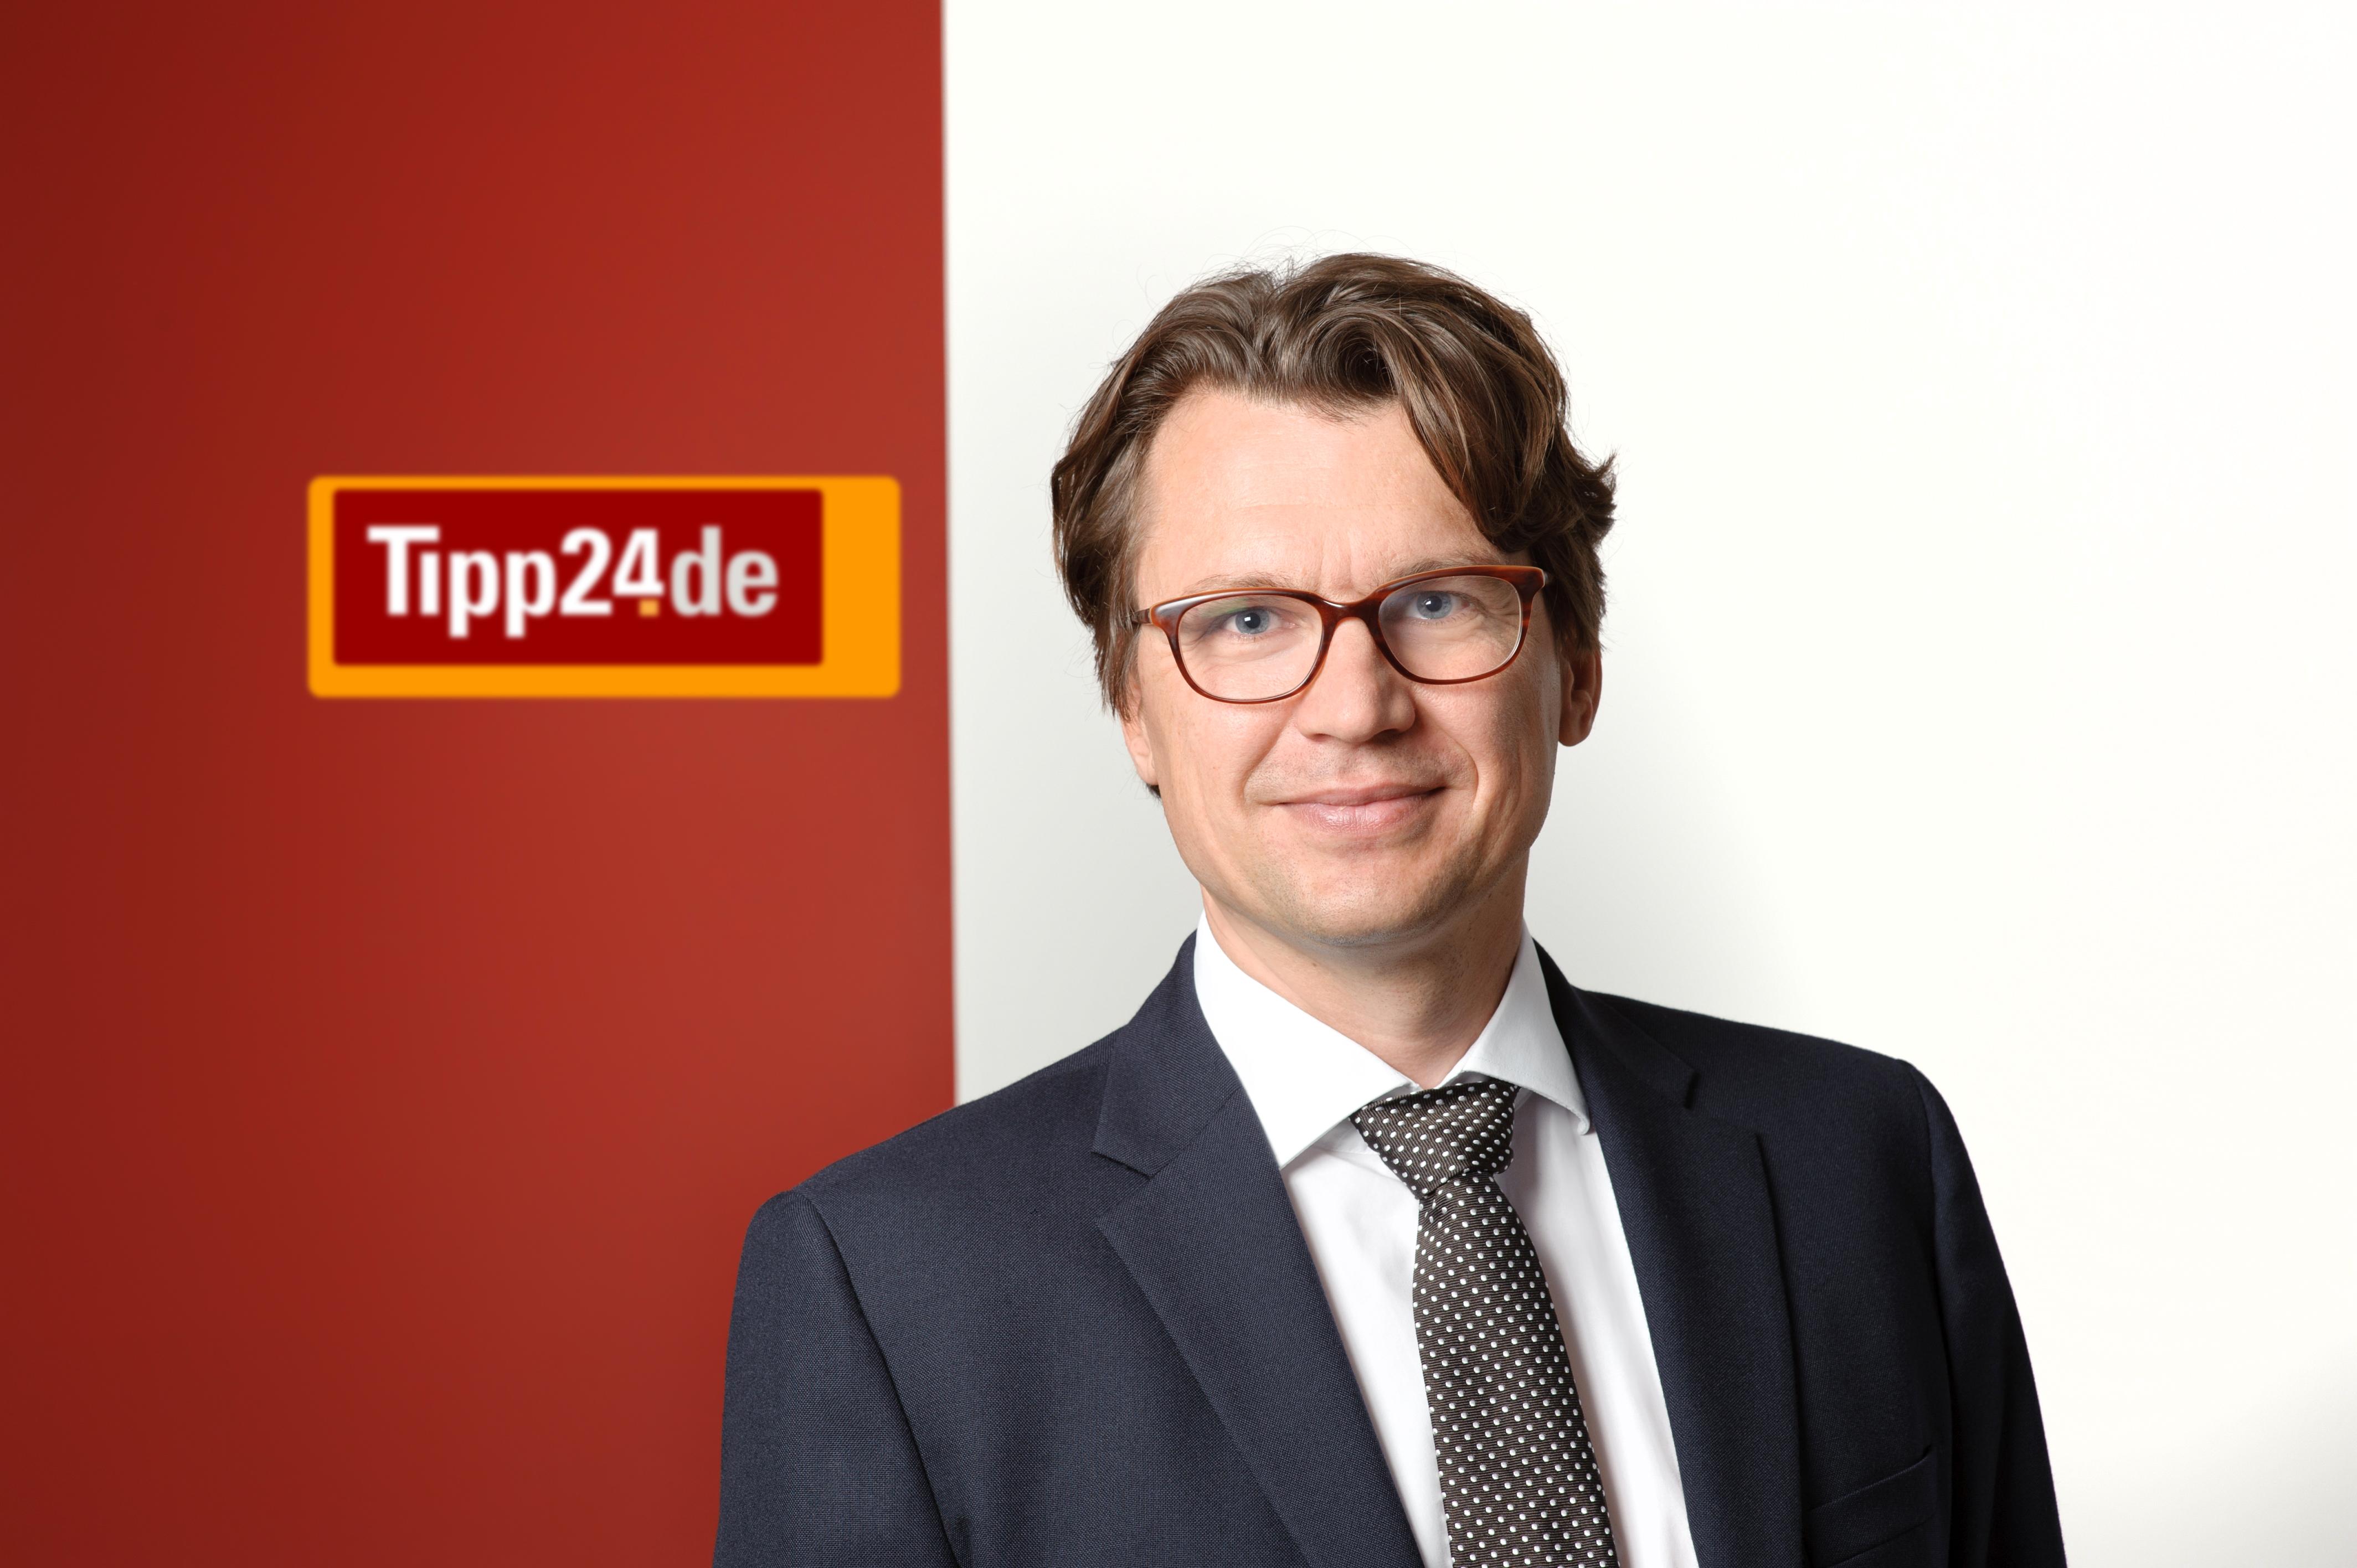 tipp 24com